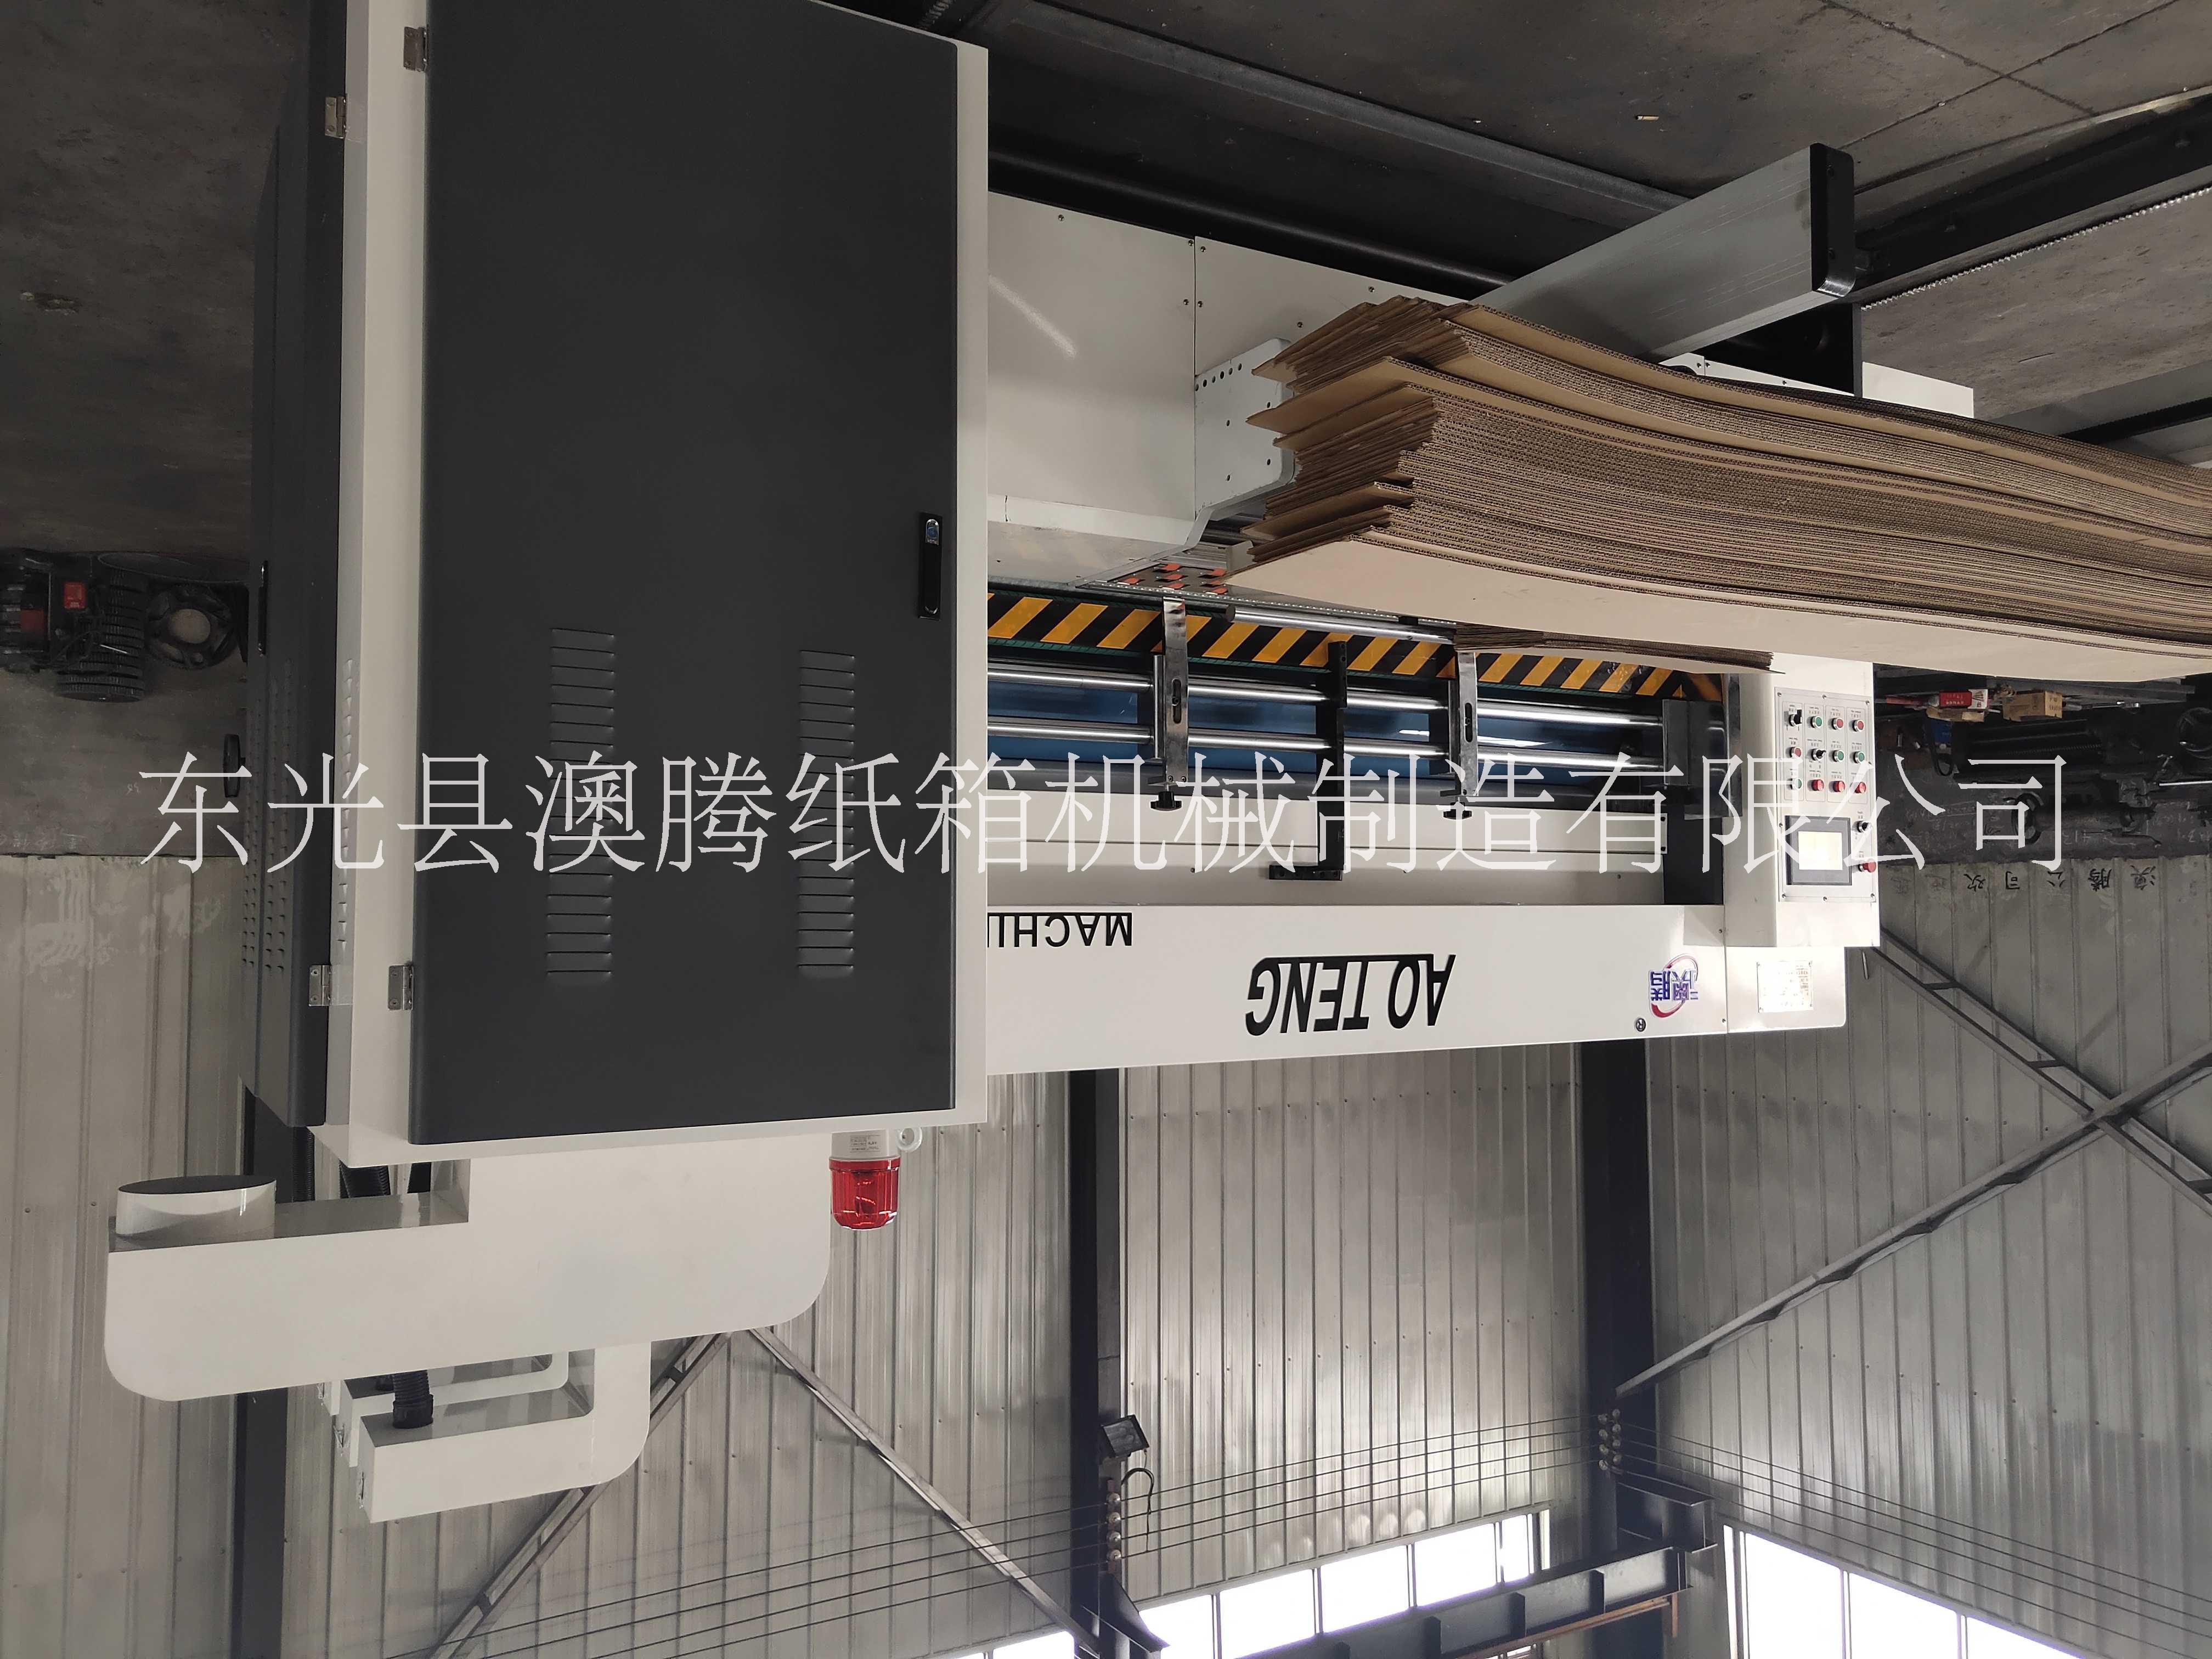 温州纸箱印刷机械厂家,温州纸箱印刷机械批发,温州纸箱印刷机械价格